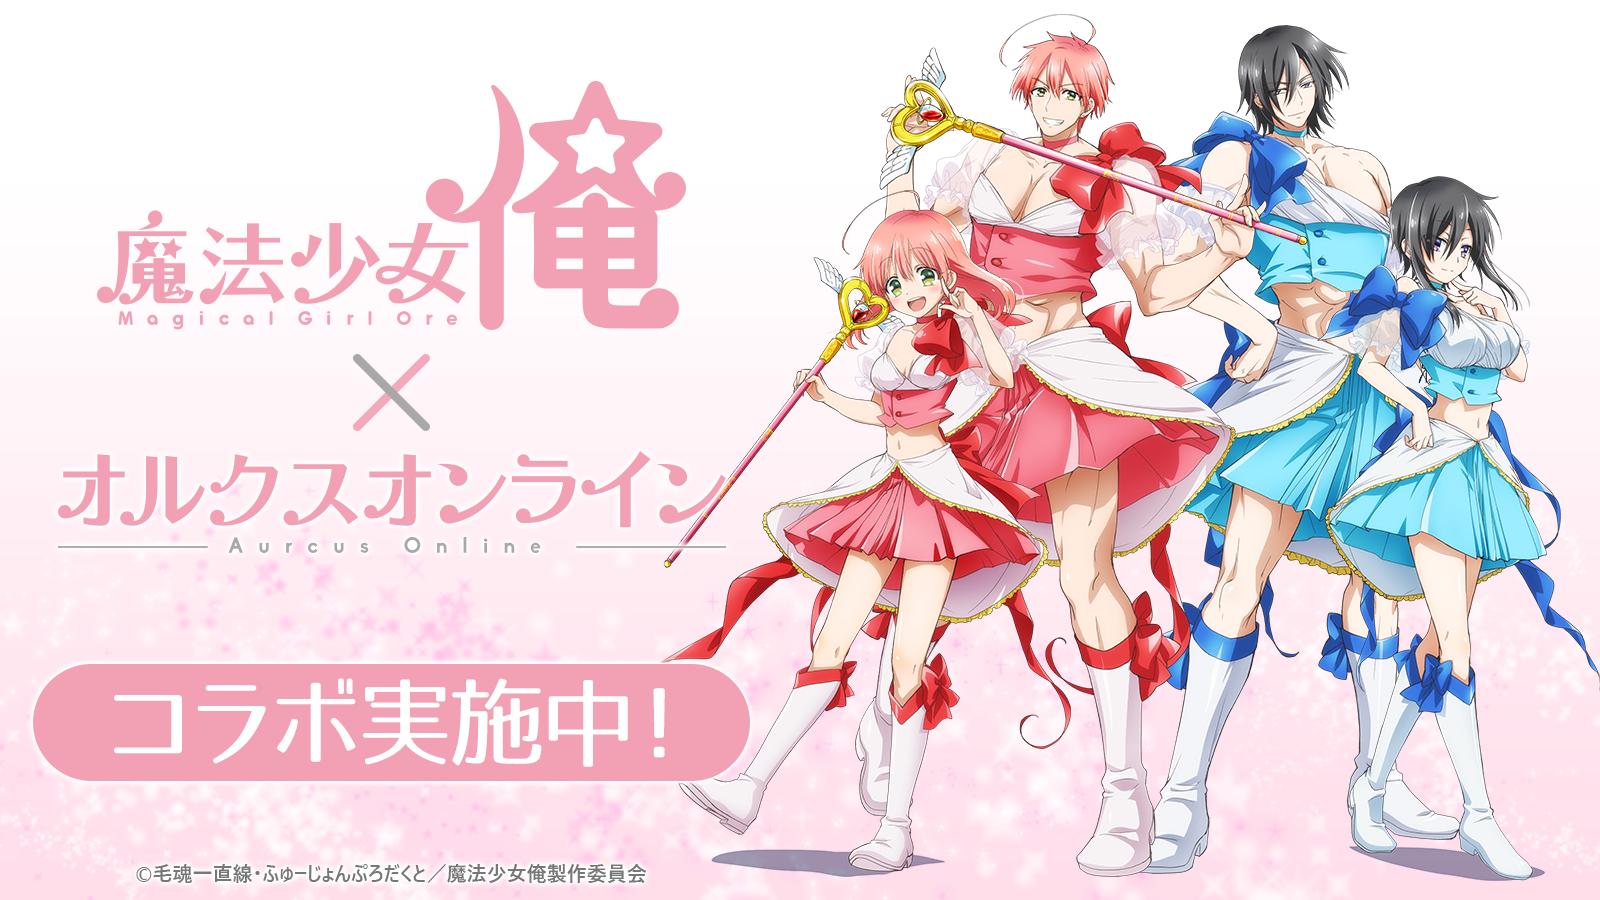 オルクスオンライン × 魔法少女俺コラボ